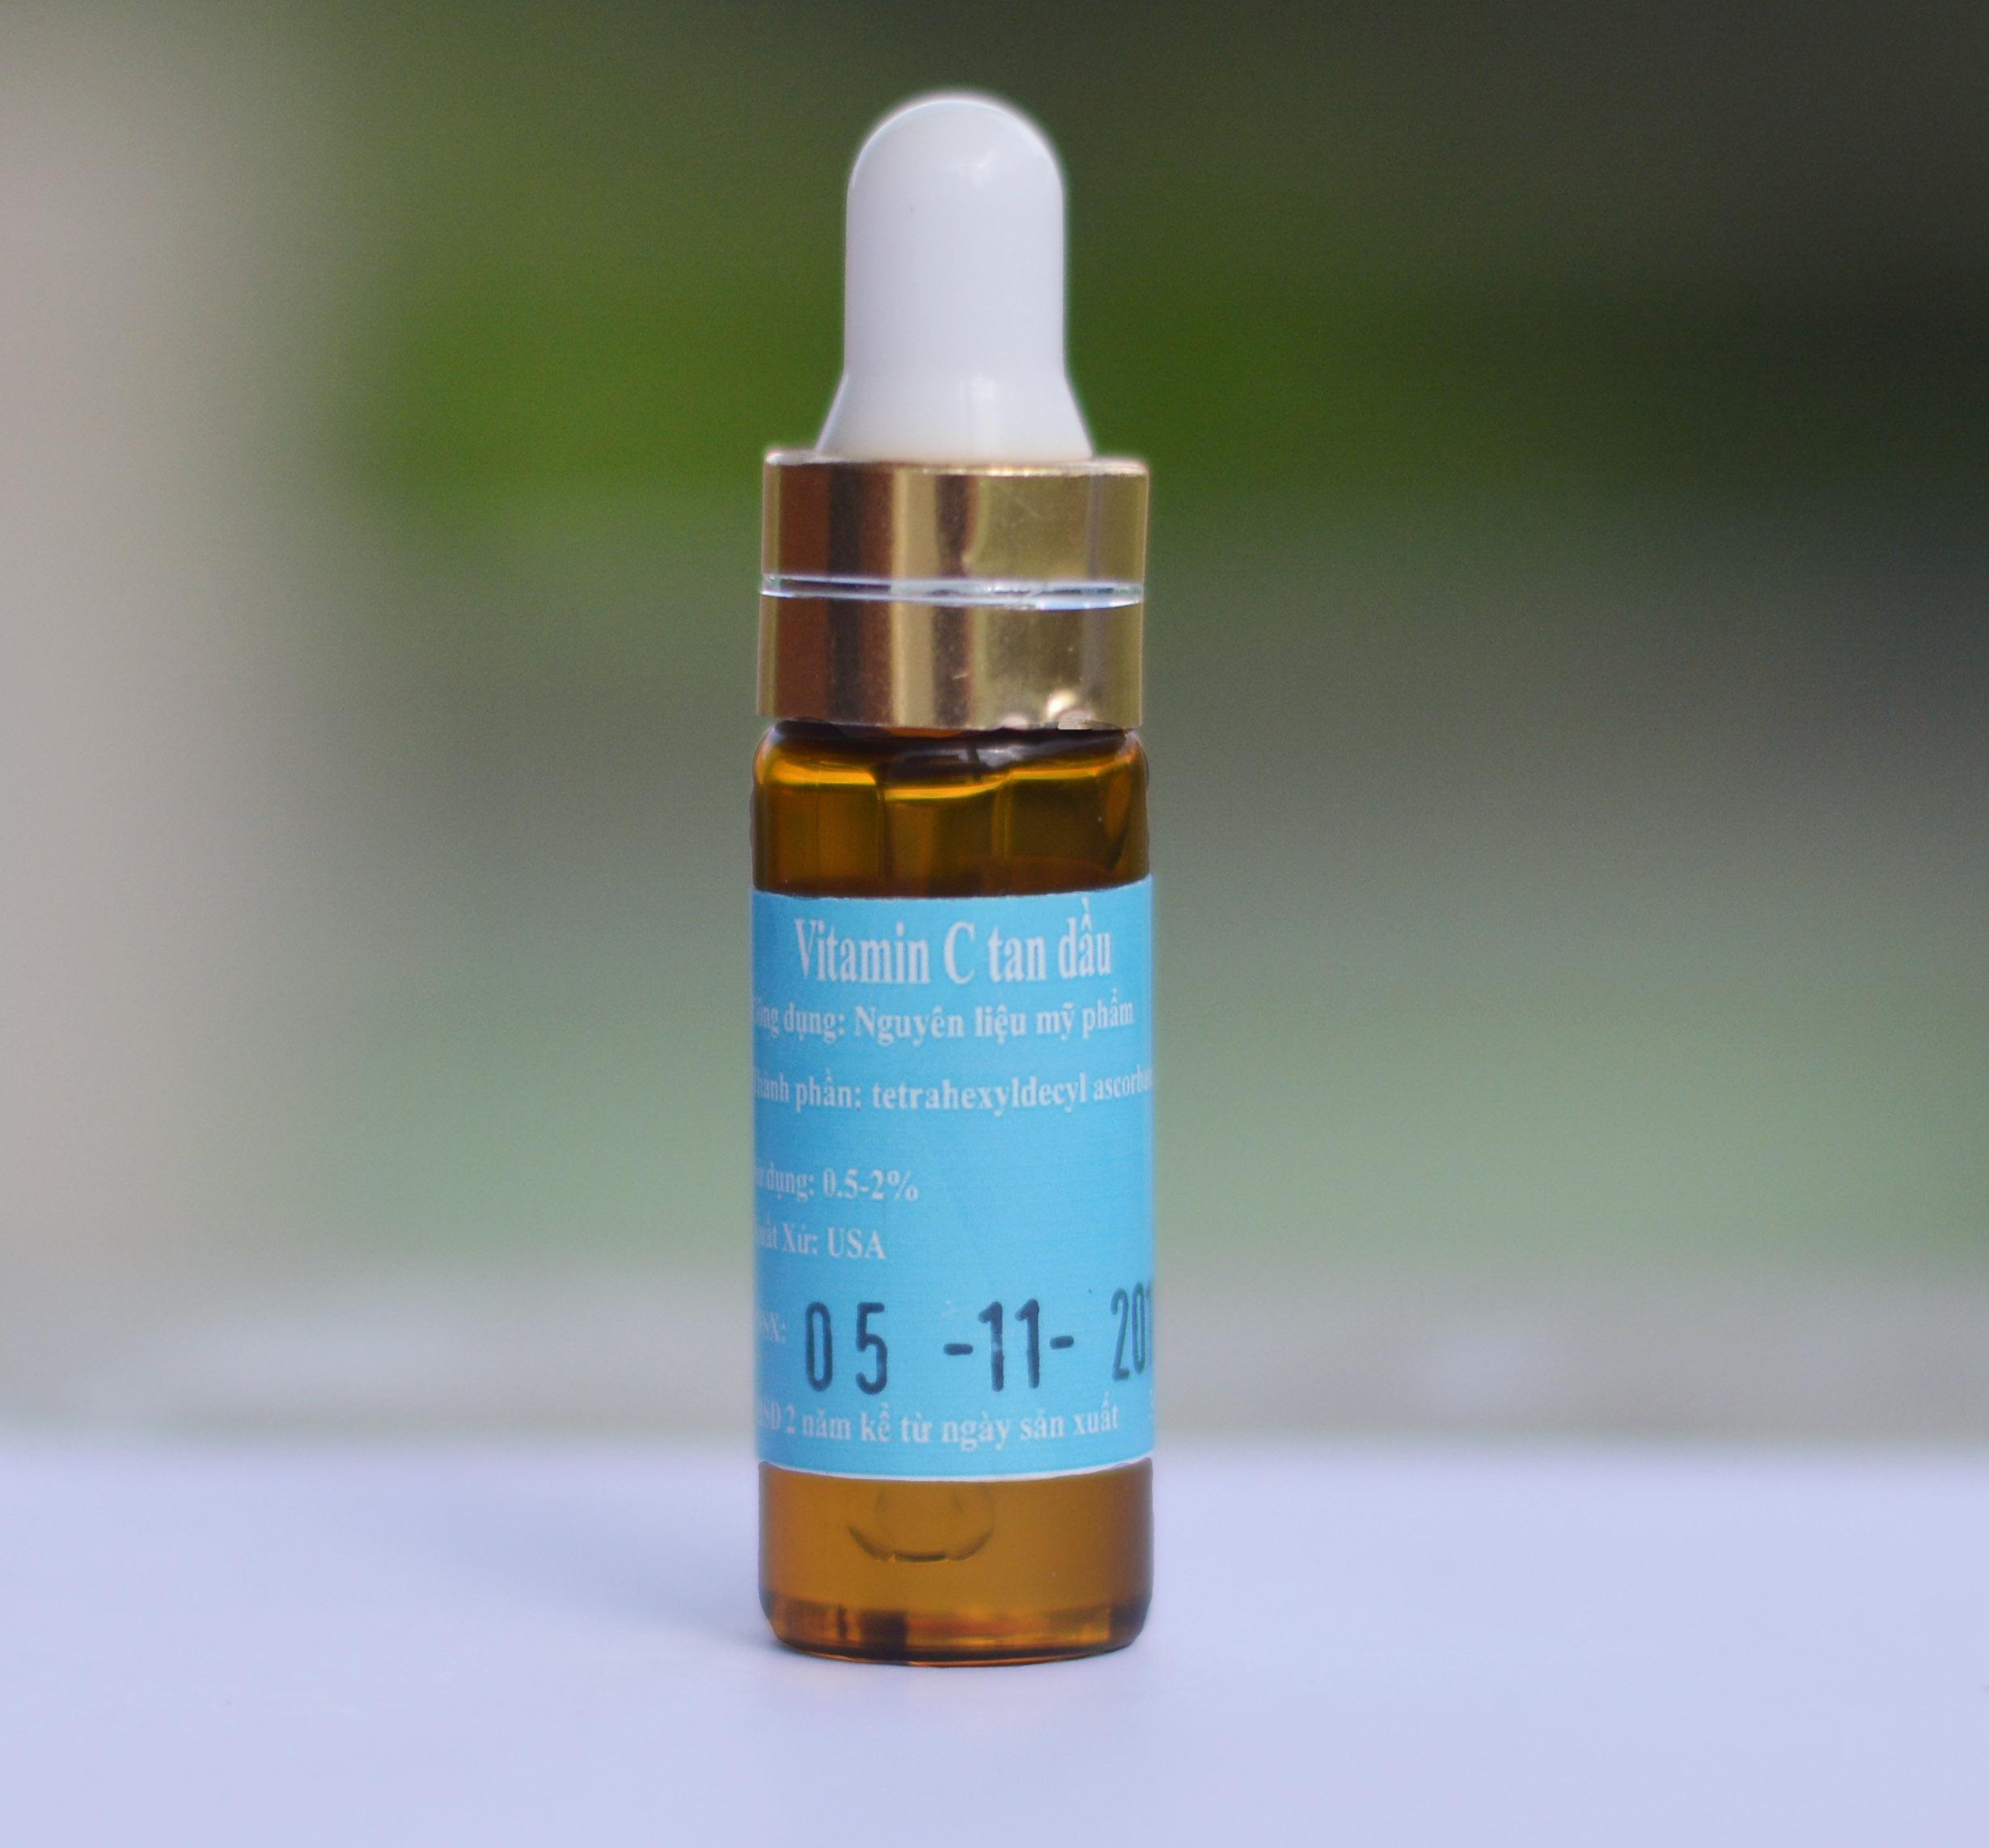 vitamin c tan dầu